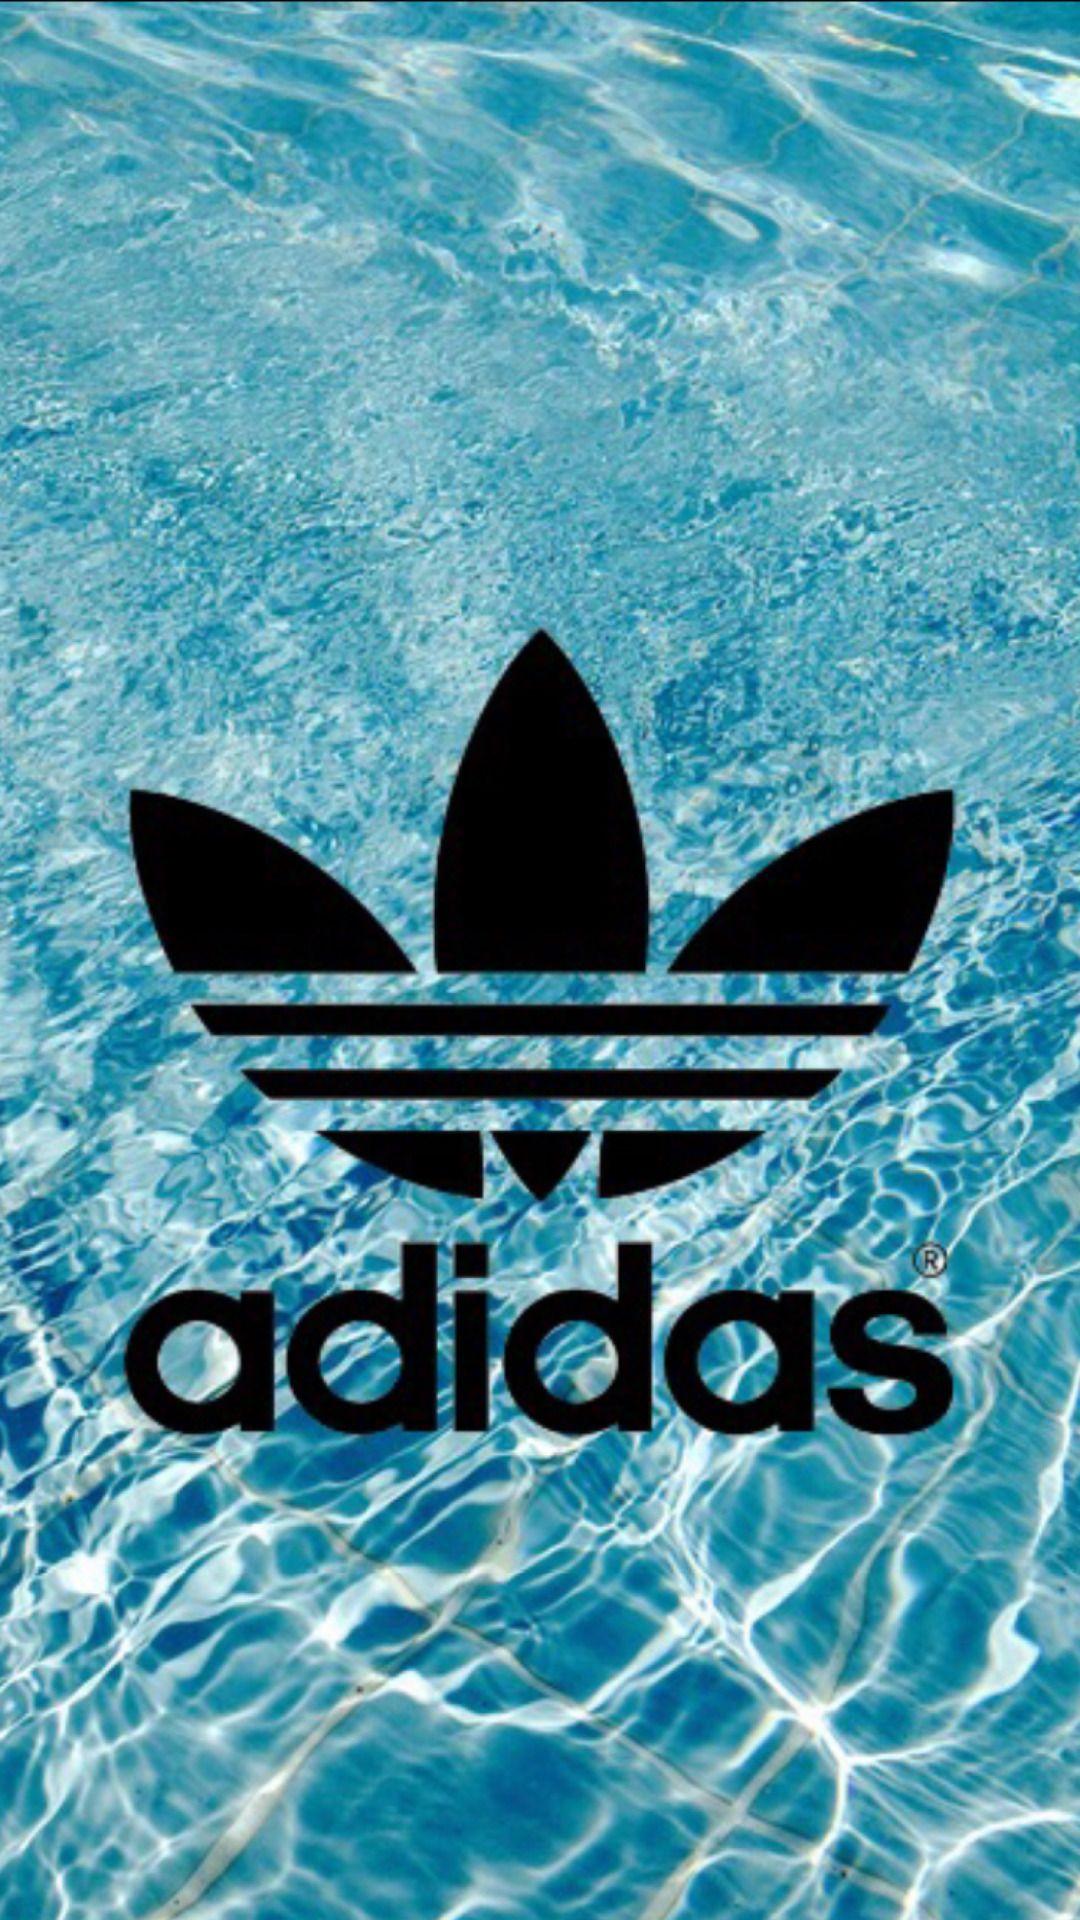 Fond D Ecran Adidas Mer Fond Ecran Adidas Fond D Ecran Colore Fond Ecran